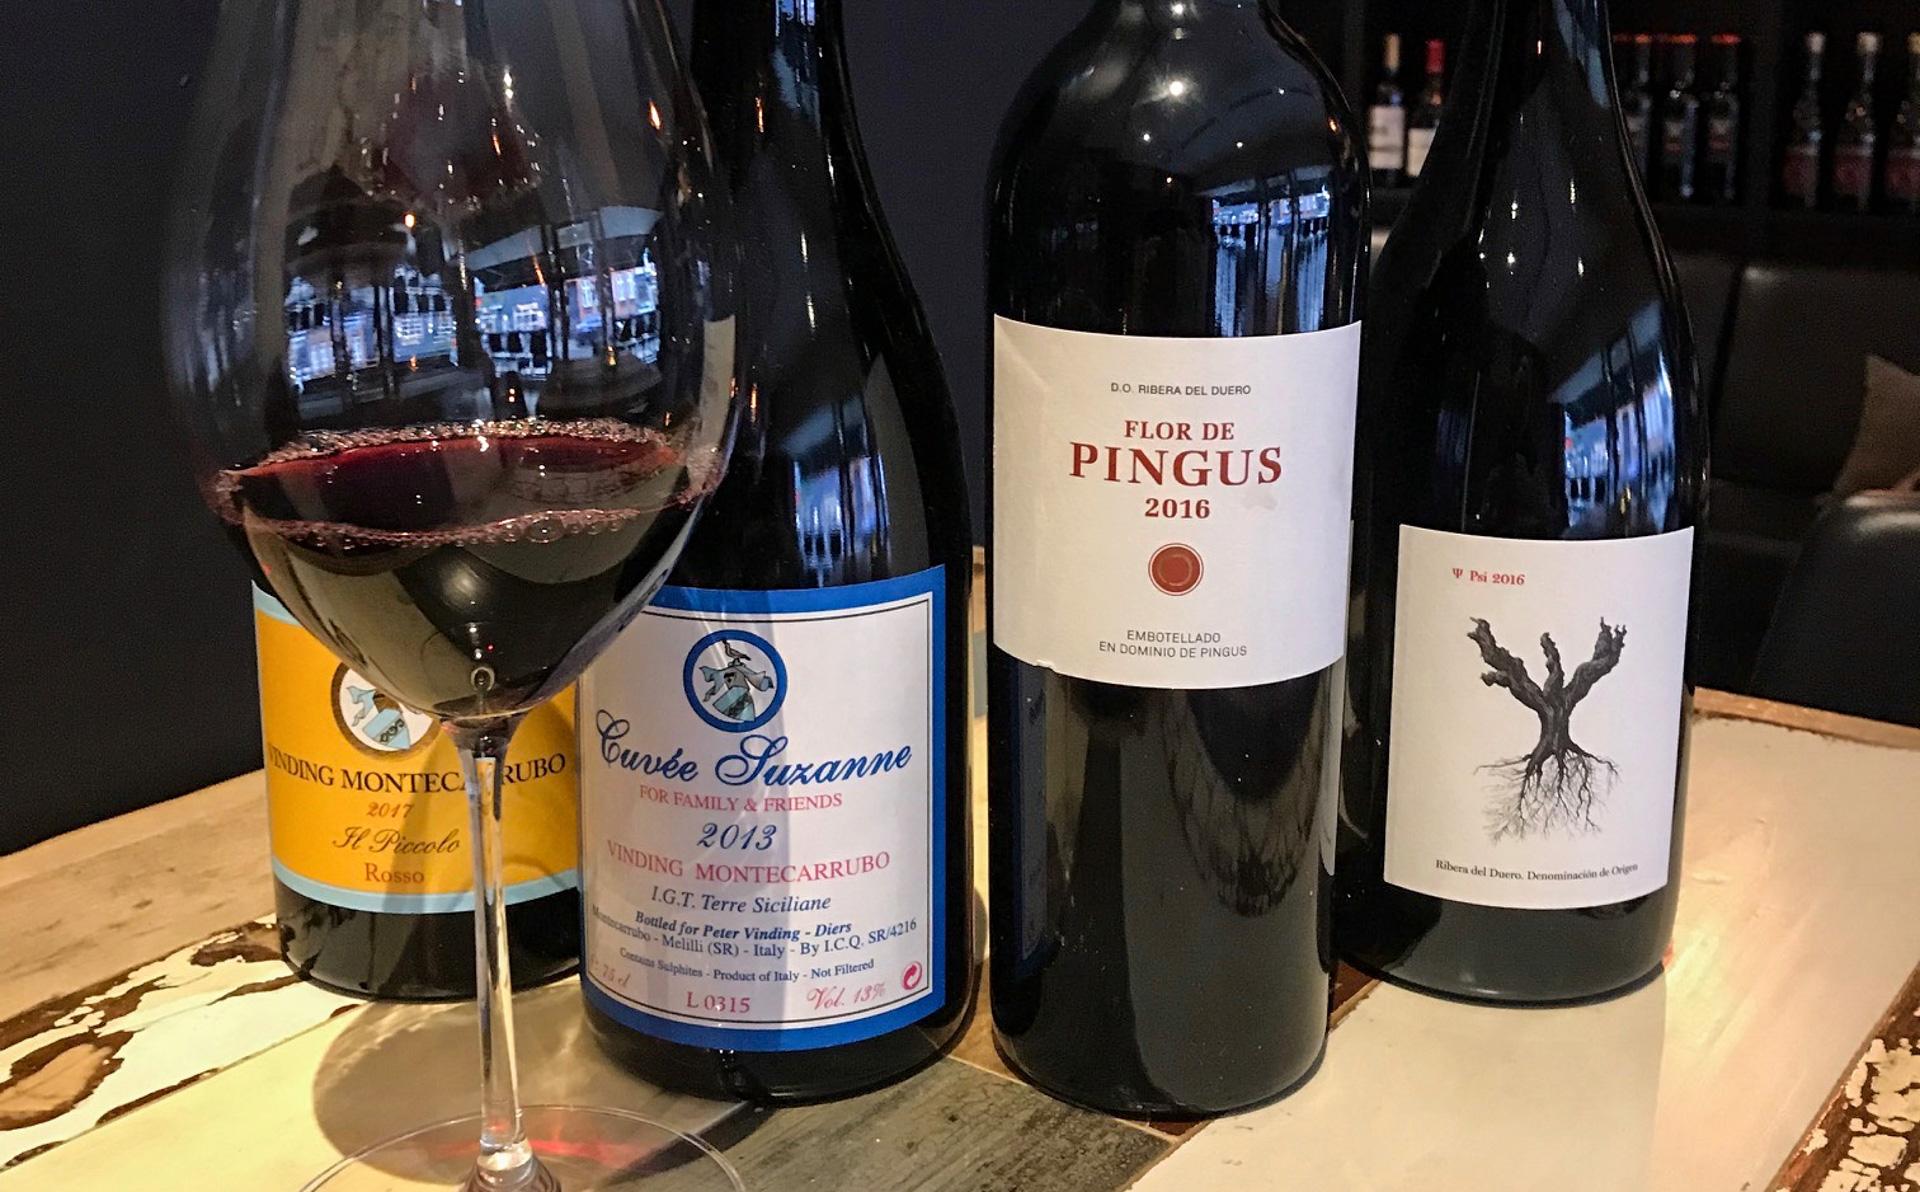 Din Vinbar i Jægergårdgade: Vinsmagning med blandt andet Flor de Pingus